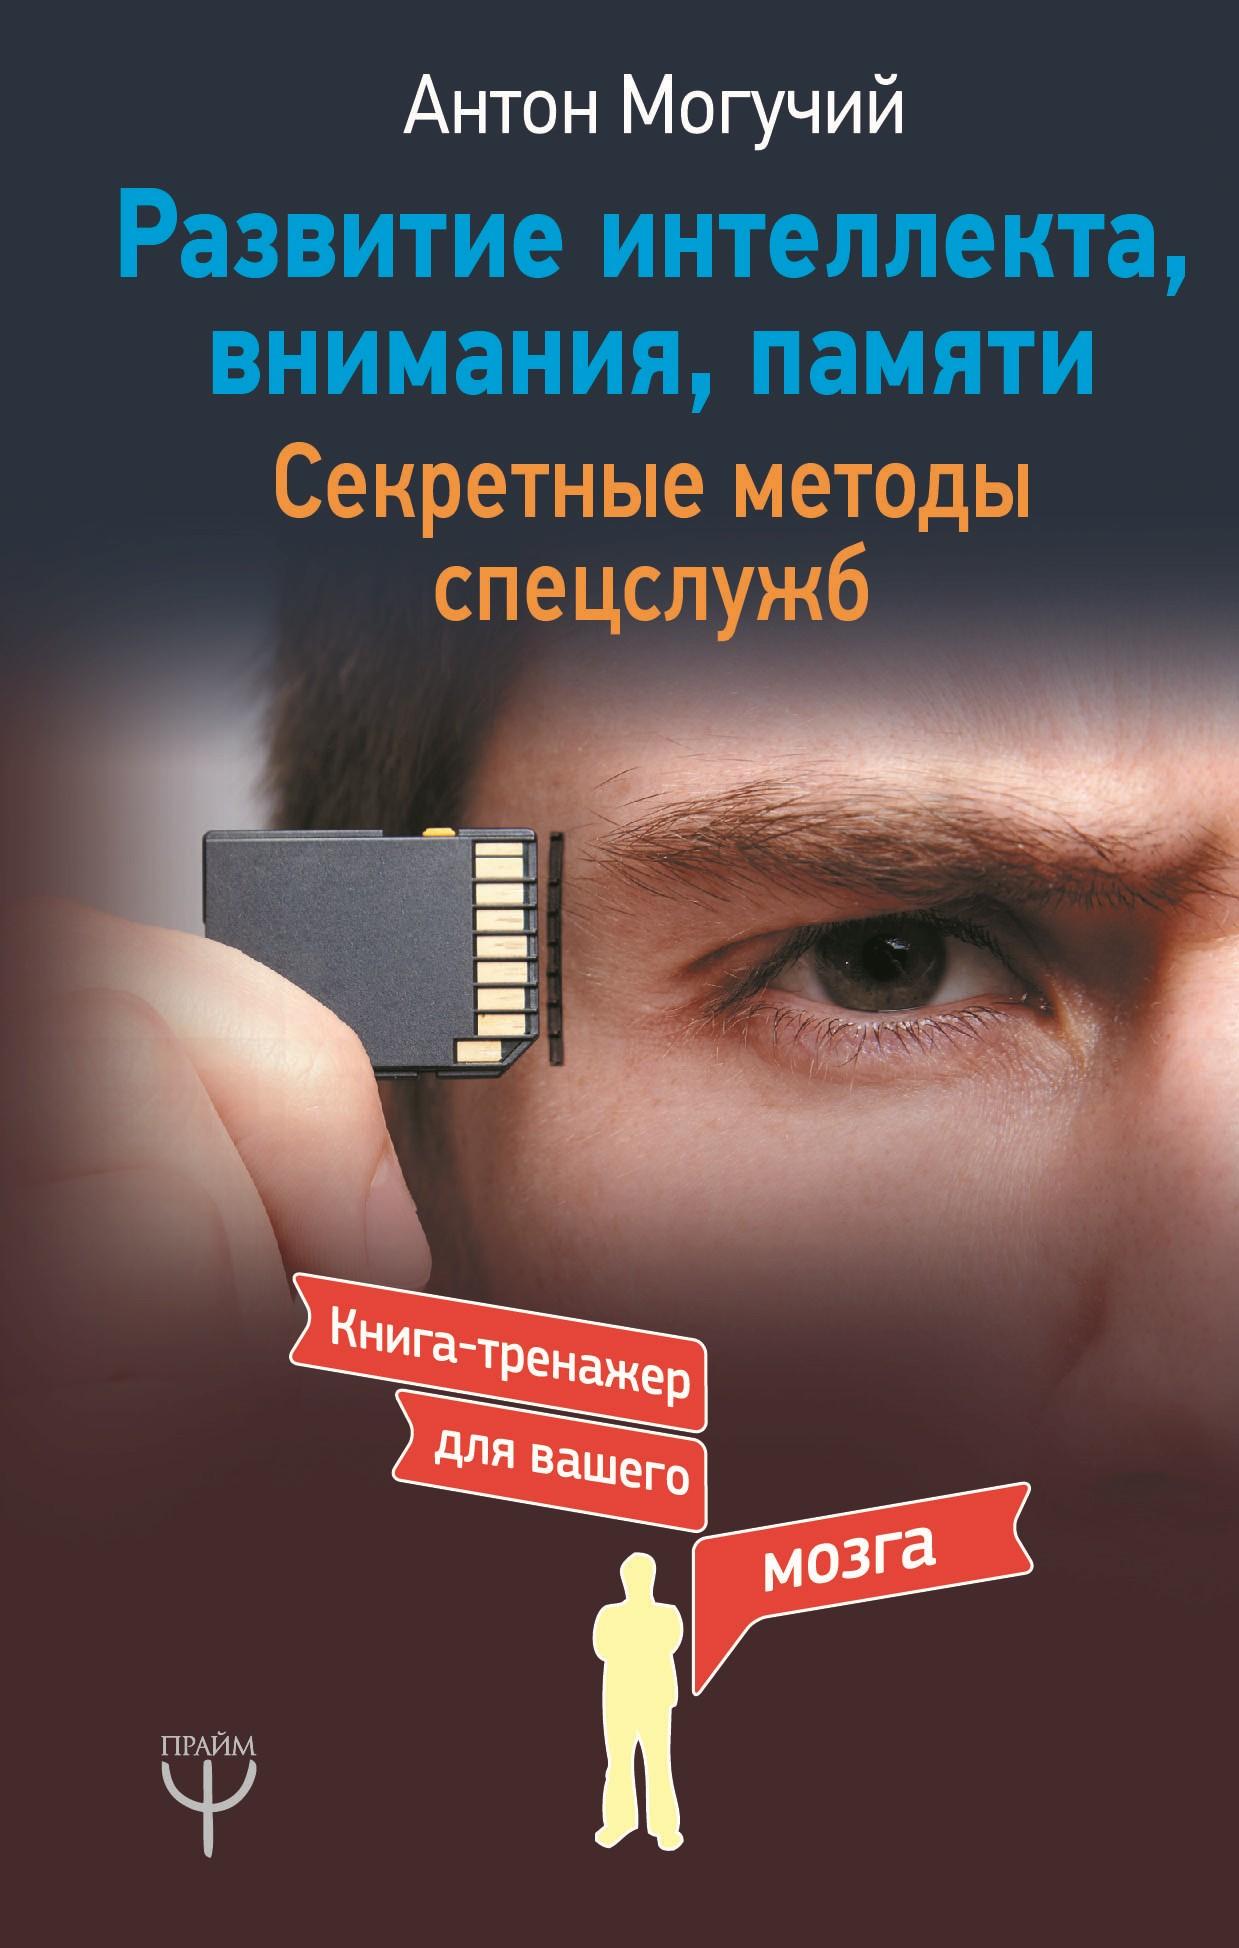 Антон Могучий «Развитие интеллекта, внимания, памяти. Секретные методы спецслужб»